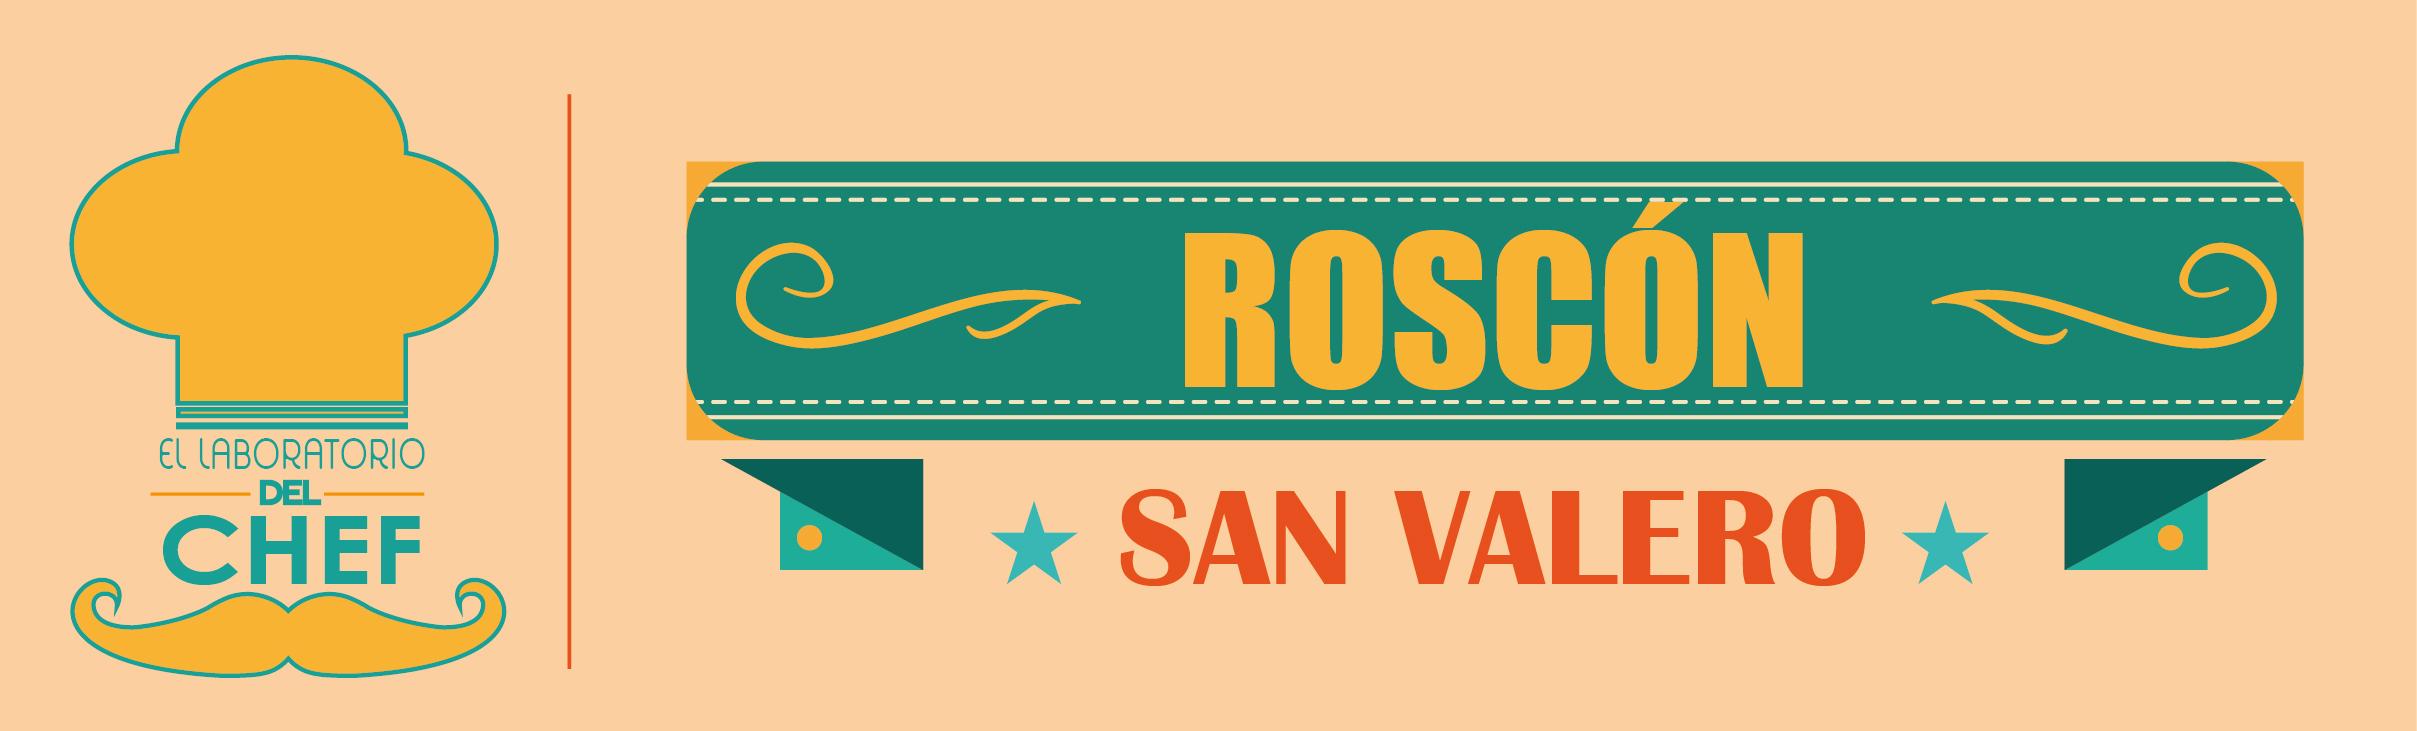 roscón_Cab-01